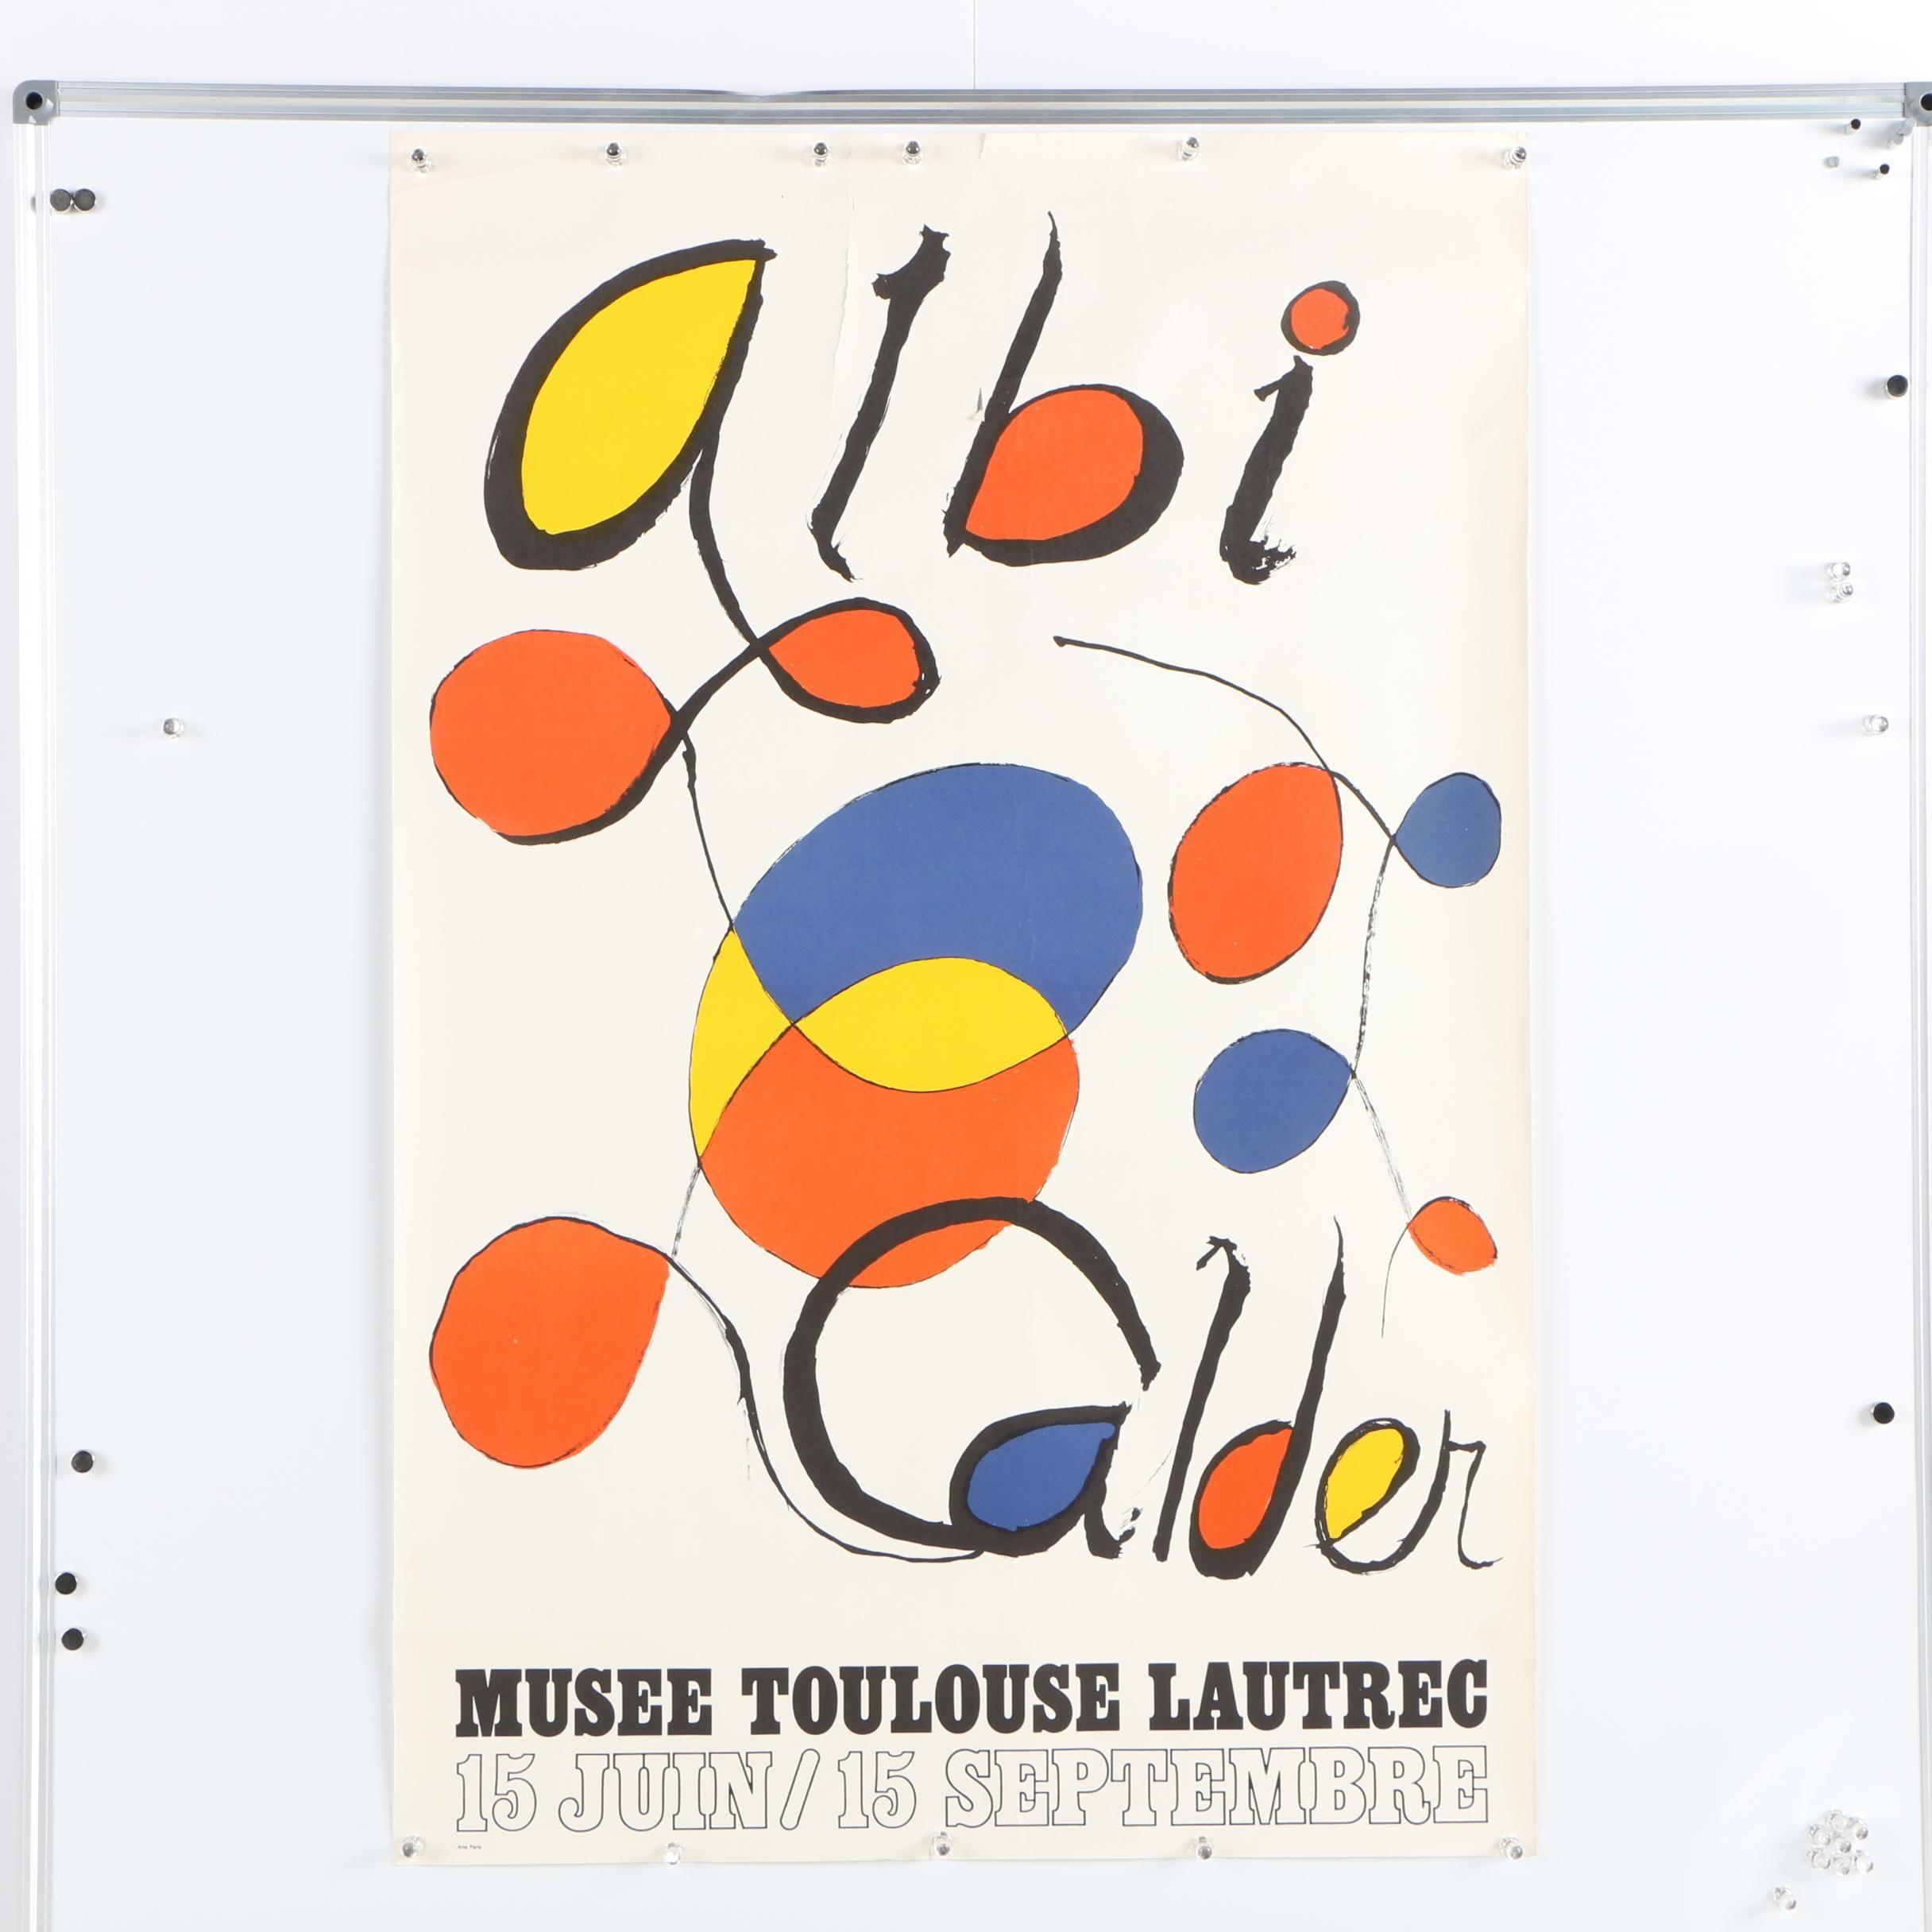 1971 Albi-Calder Musée Toulouse Lautrec Poster